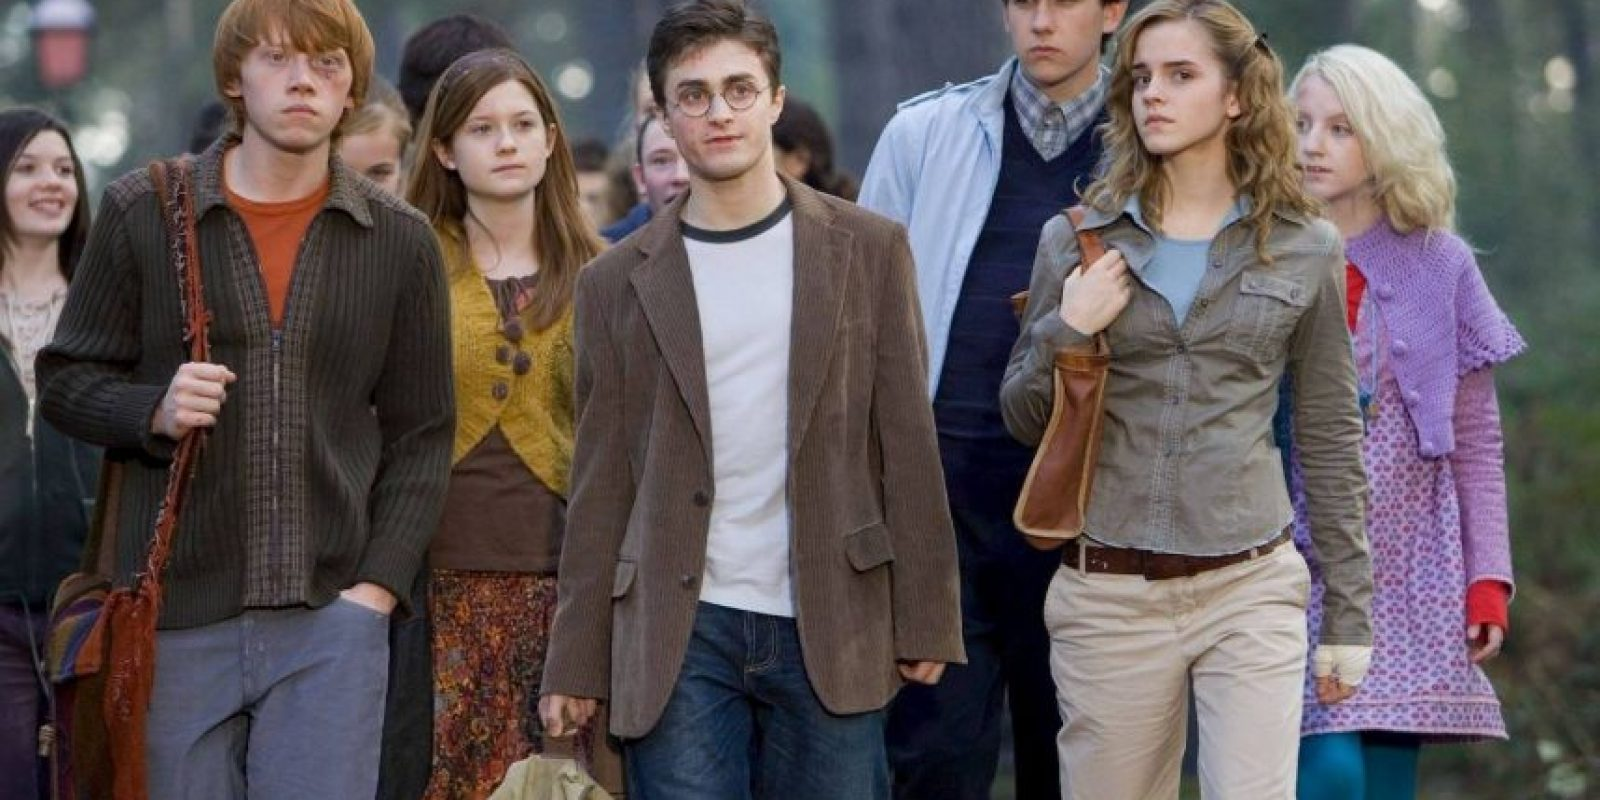 """Los rostros de """"Harry"""", """"Ron"""" y """"Hermione"""" aparecen en las tarjetas de las ranas de chocolate. Foto:Vía Facebook.com/harrypottermovie"""